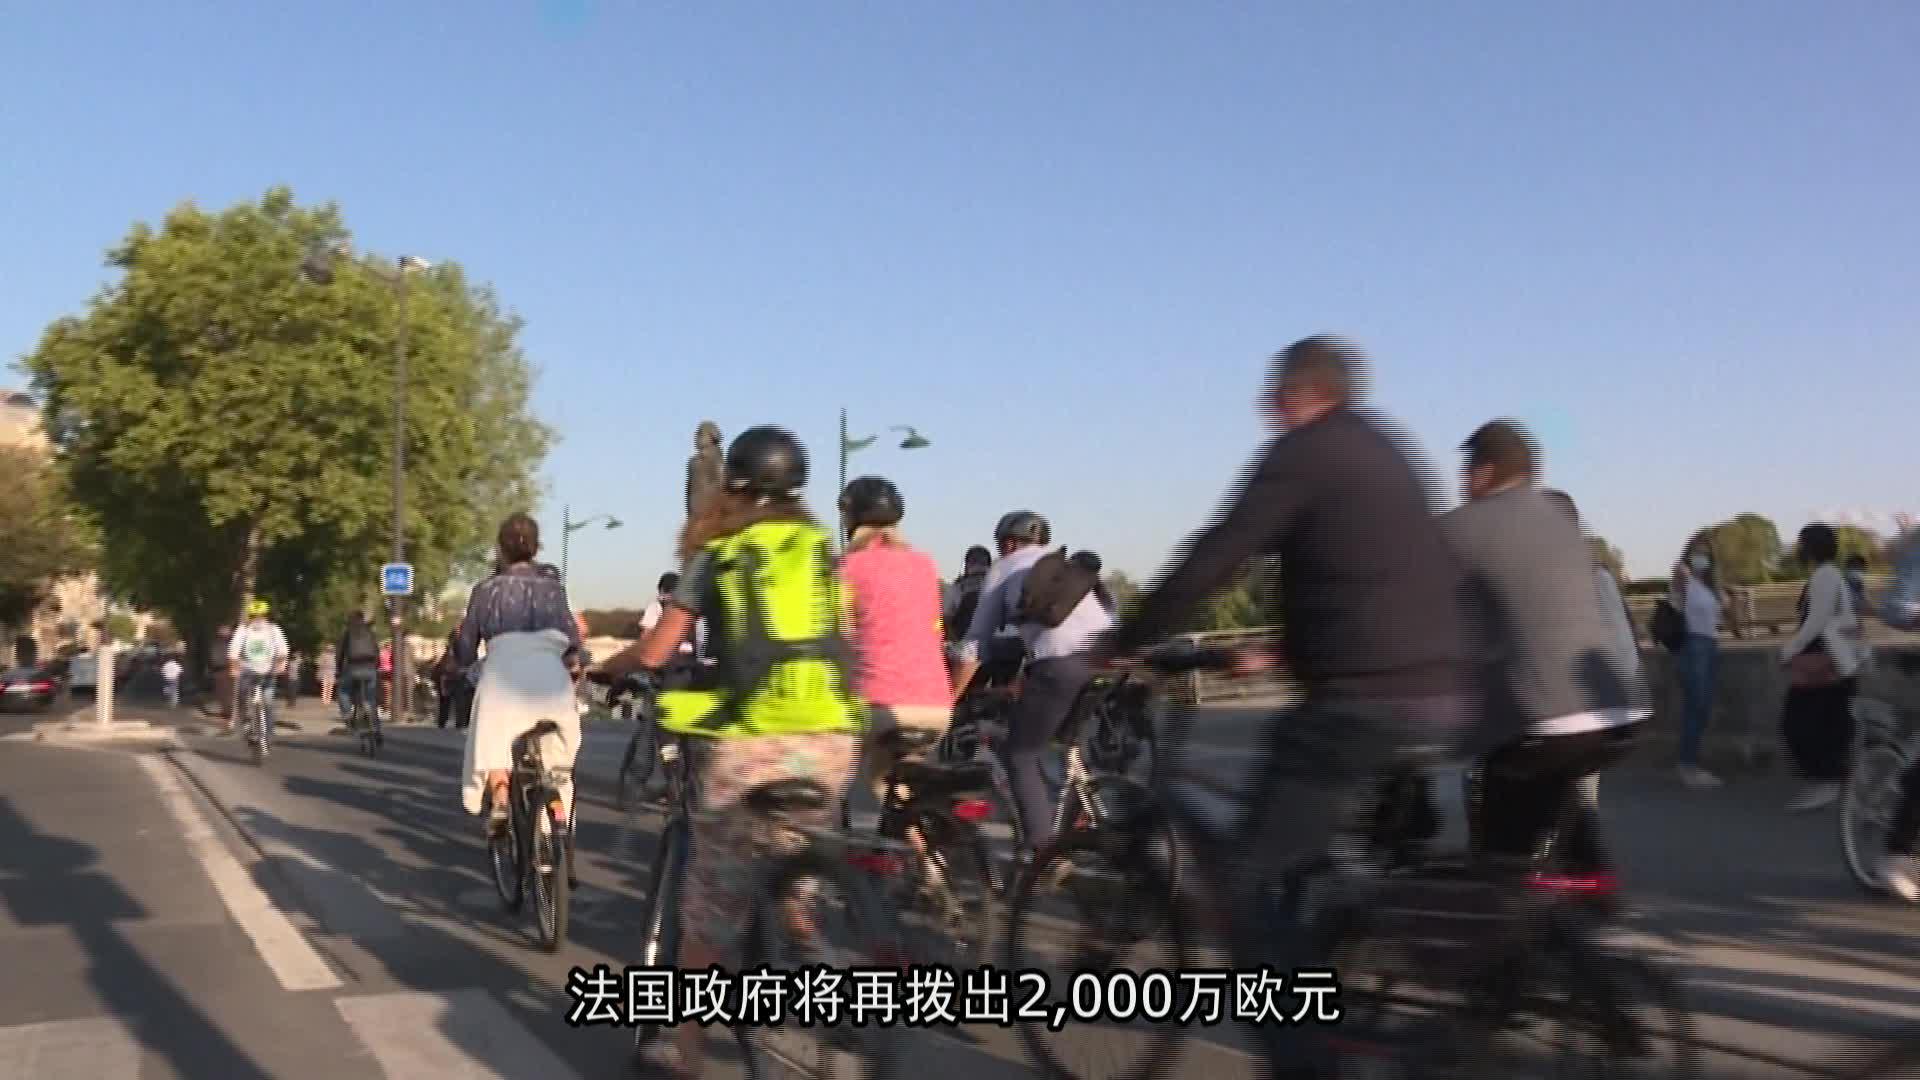 法国再投入2000万欧元  扩大自行车补贴计划